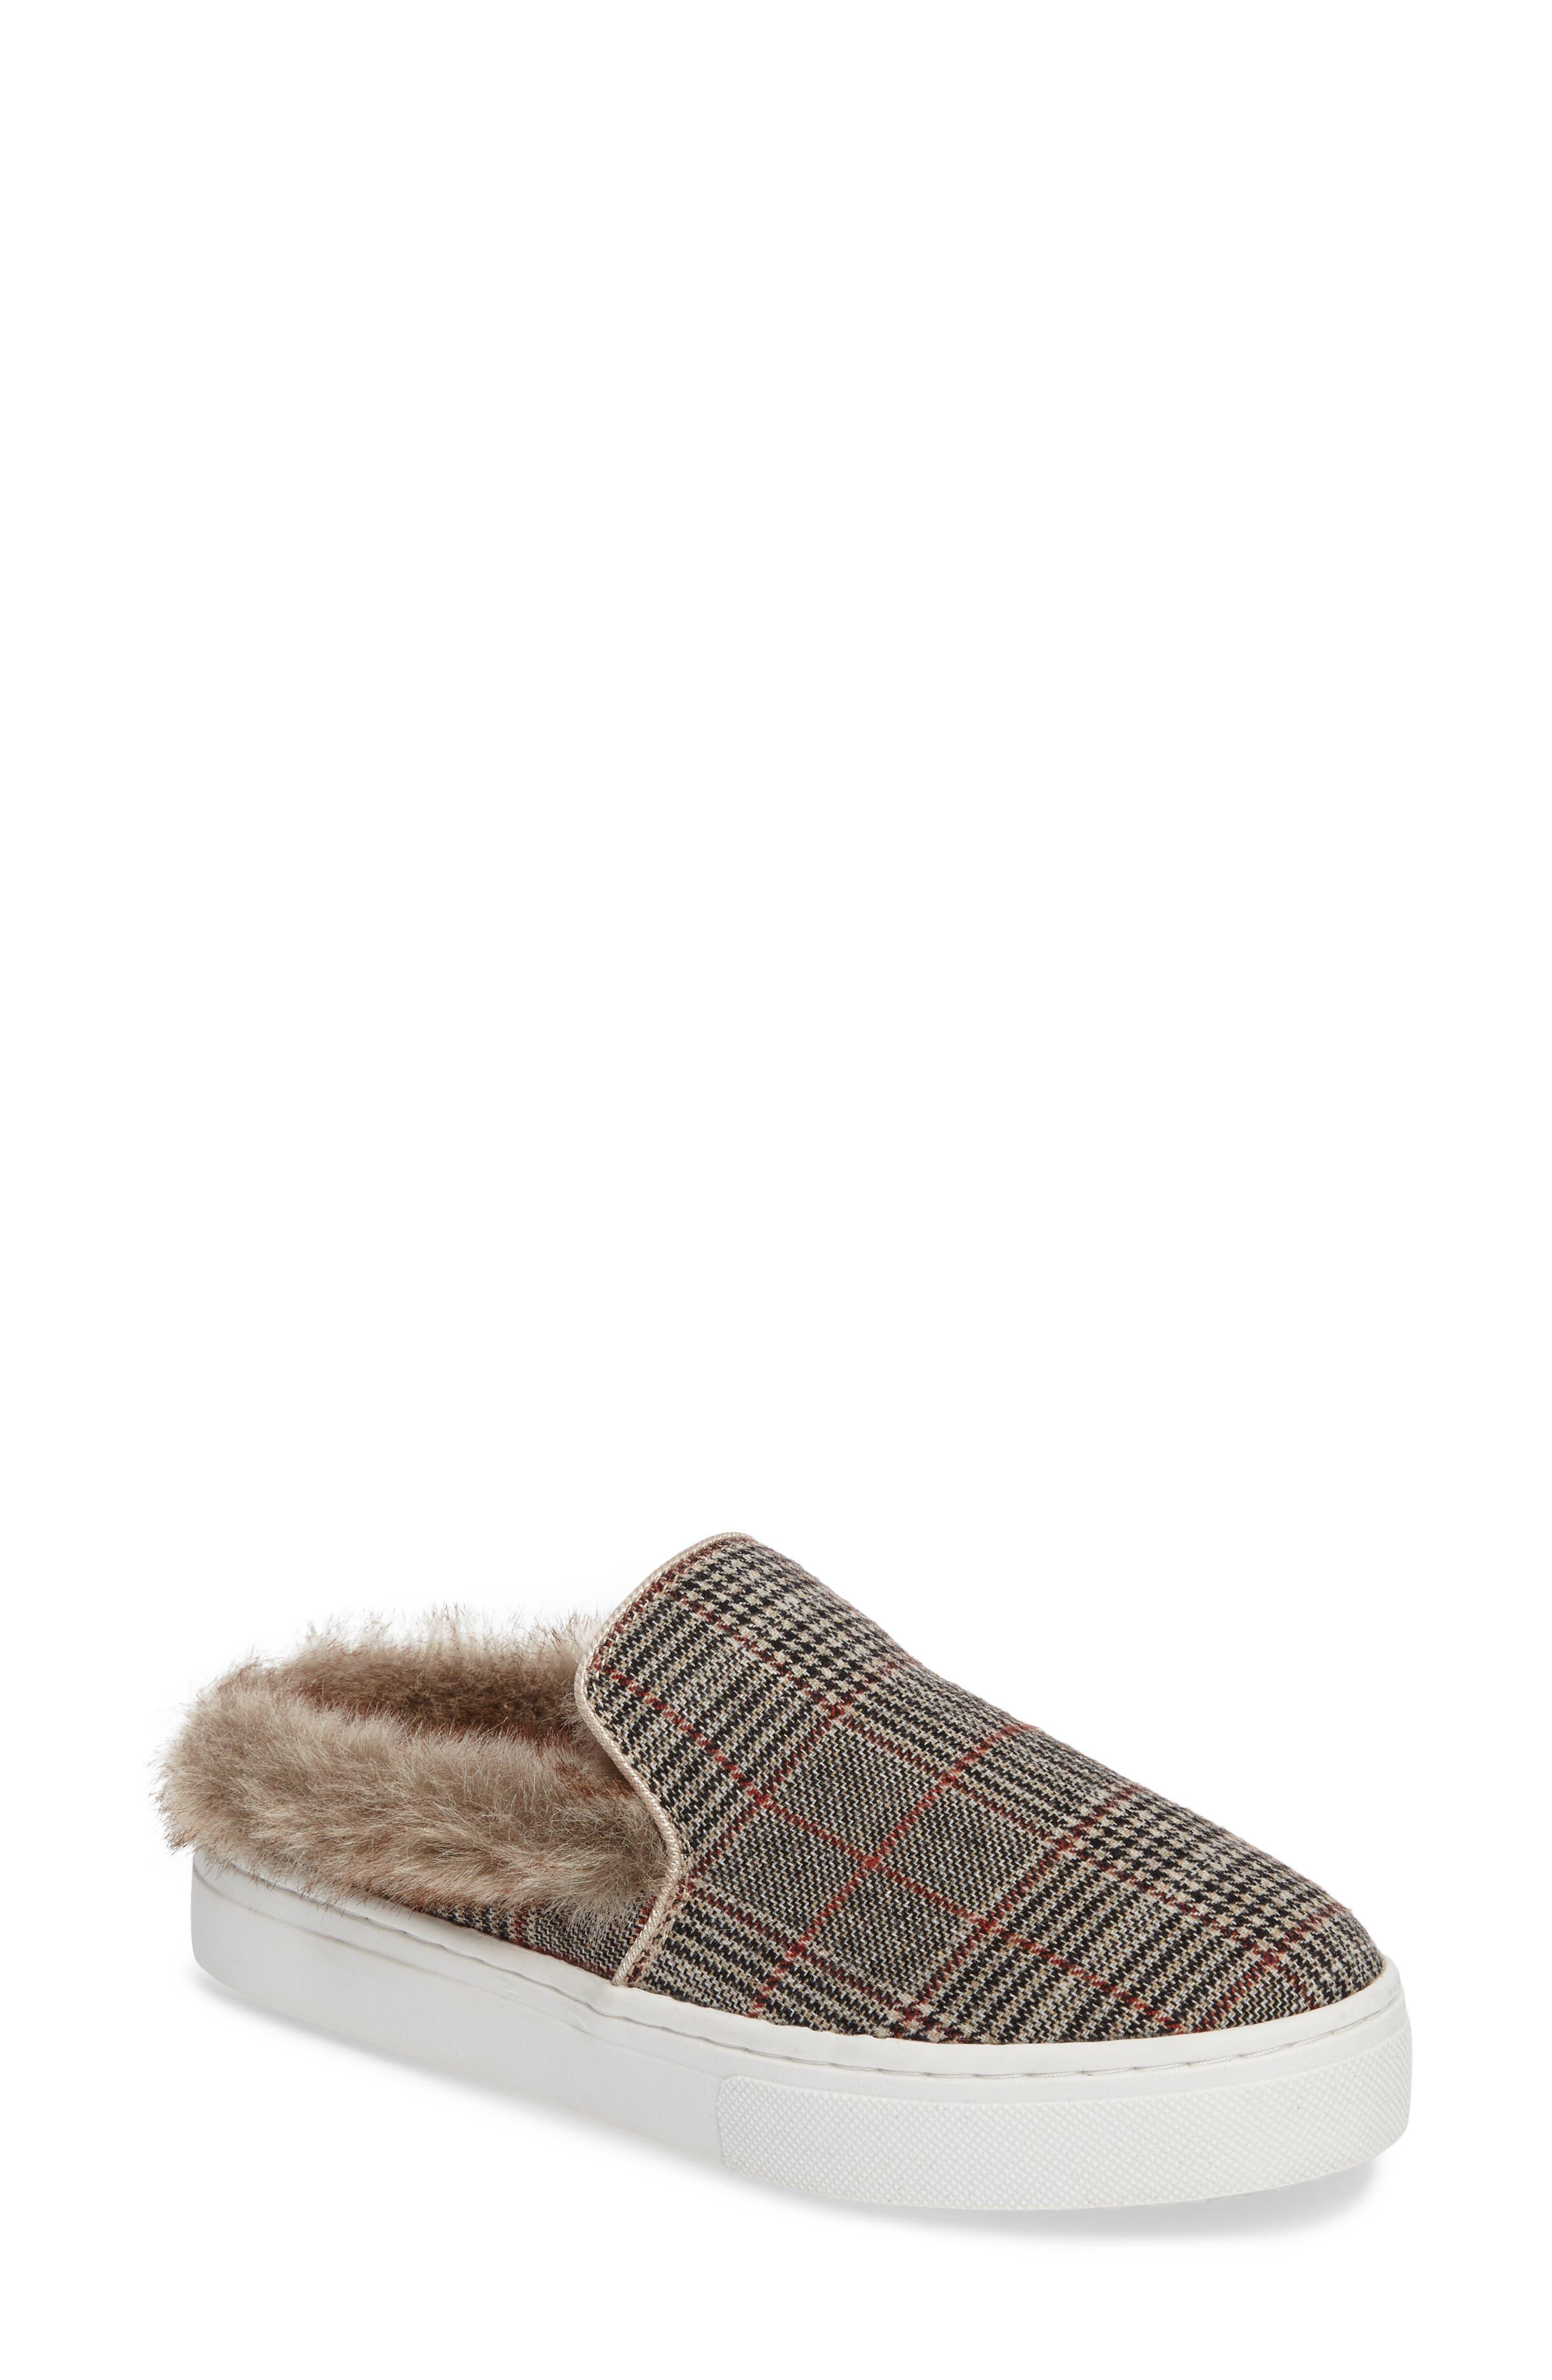 Levonne Platform Sneaker Mule,                         Main,                         color, Ivory Plaid Fabric